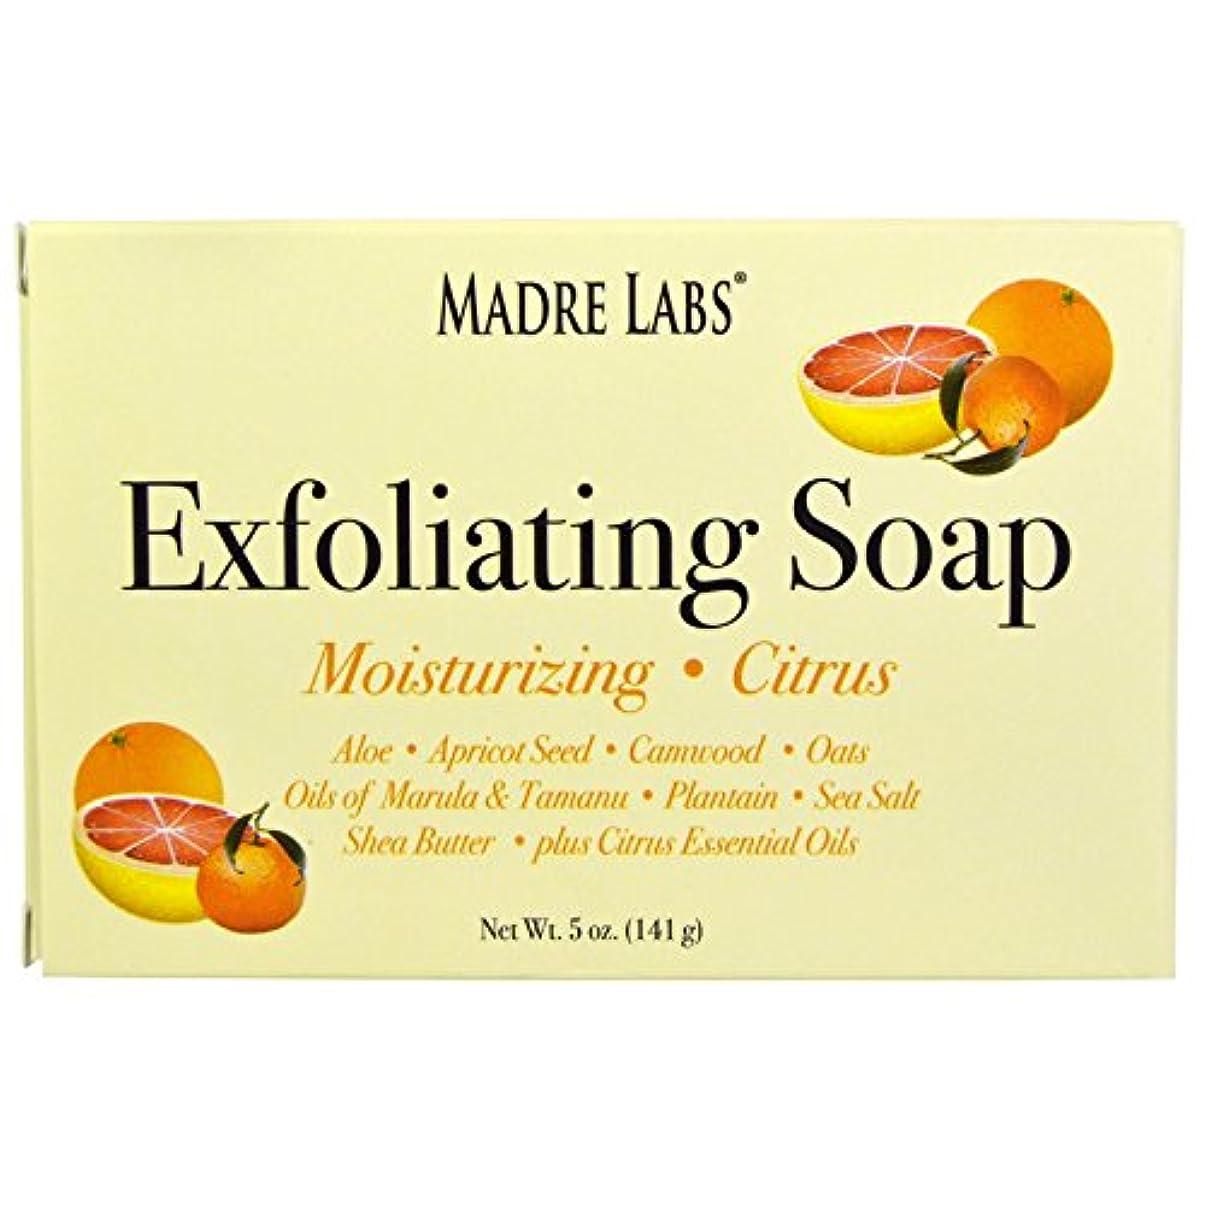 パイプ悪党地下室マドレラブ シアバター入り石鹸 柑橘フレーバー Madre Labs Exfoliating Soap Bar with Marula & Tamanu Oils plus Shea Butter